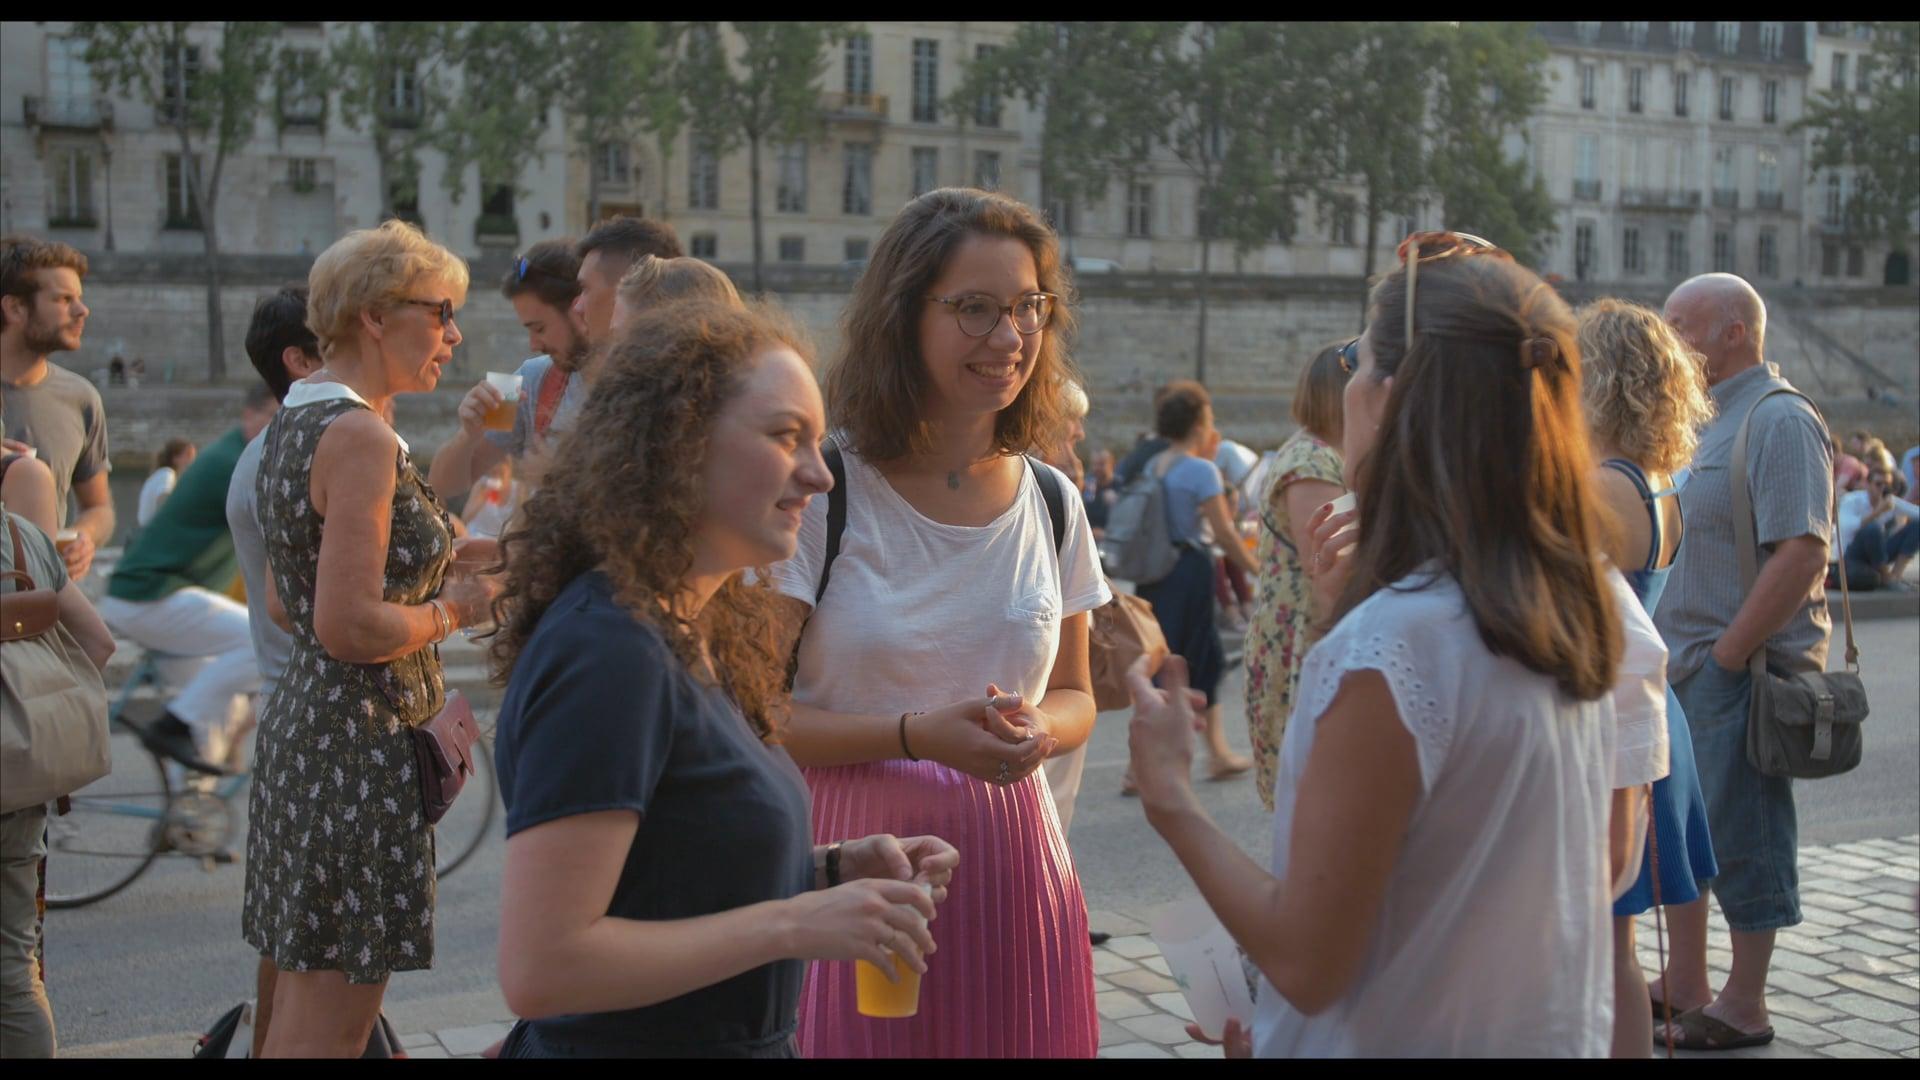 Apéro Intergénérationnel / Les Talents d'Aplonse / Paris 01.08.2018